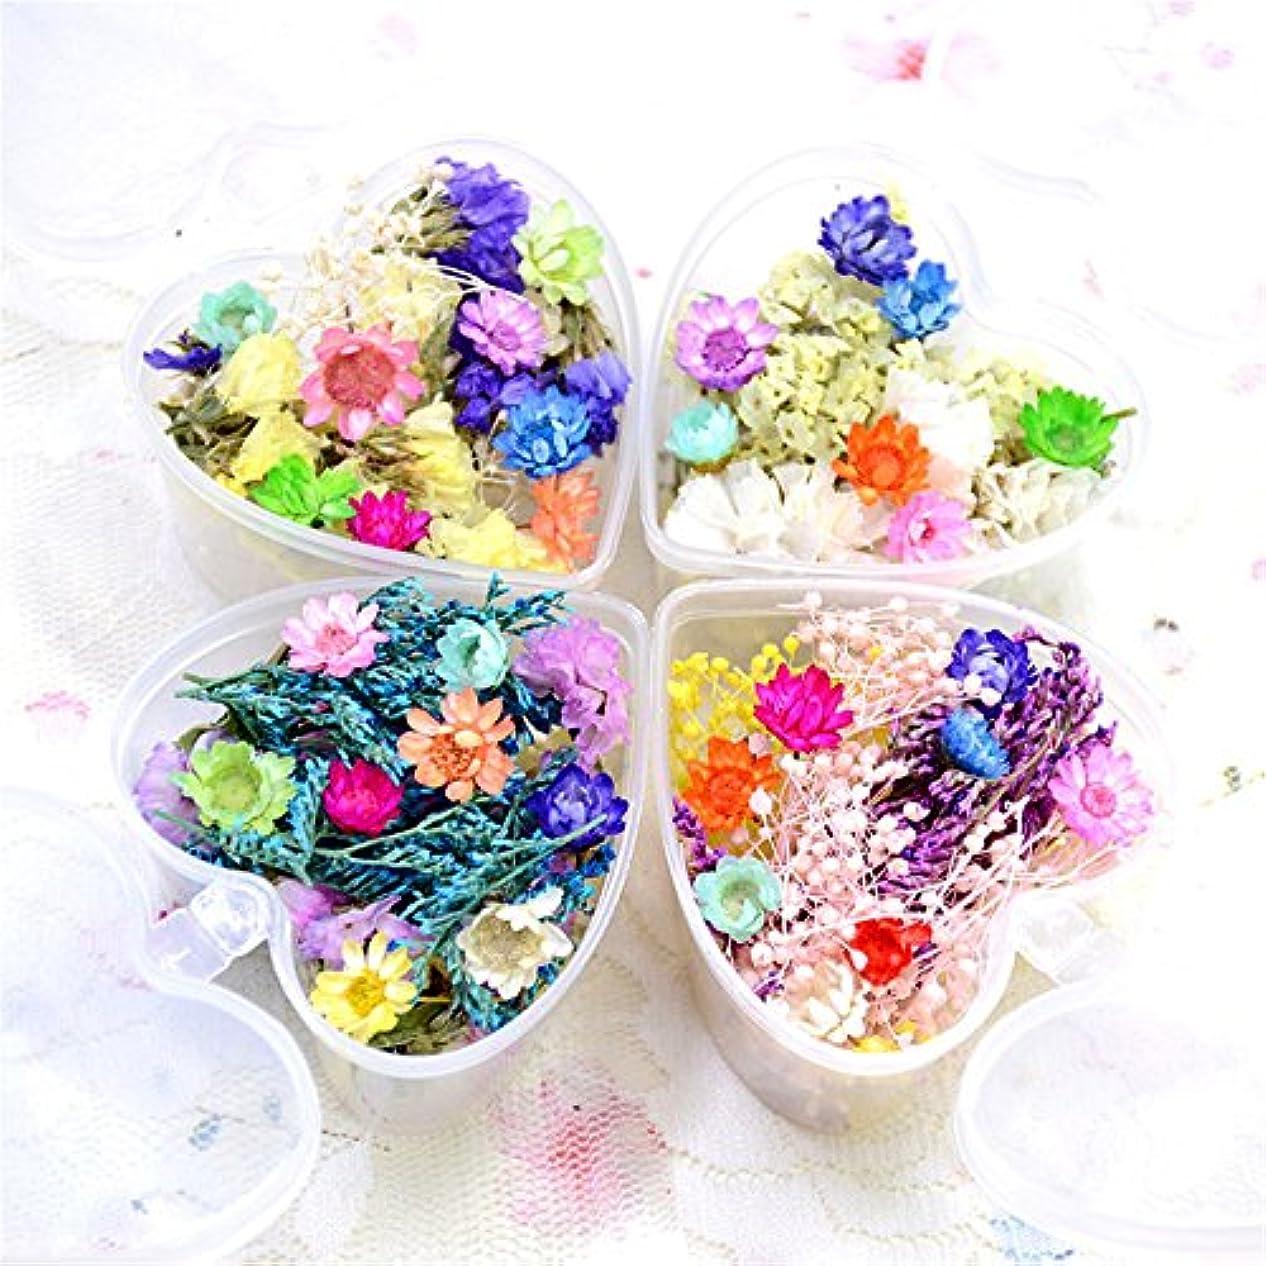 押し花 ドライフラワー 4ボックスセット 3Dネイル レジンデコレーション DIYデコレーション飾り用品 (セット4)